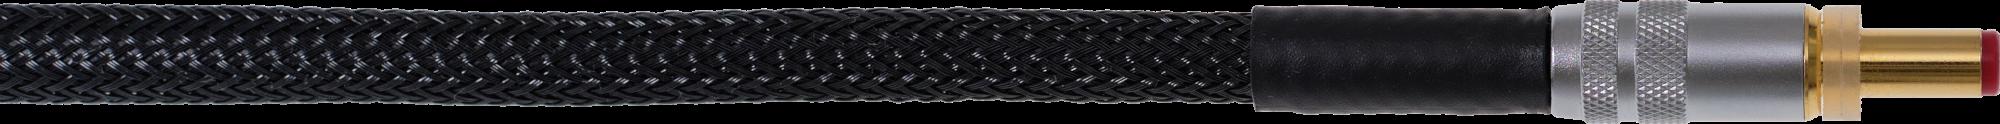 VOLT cable_LINK end